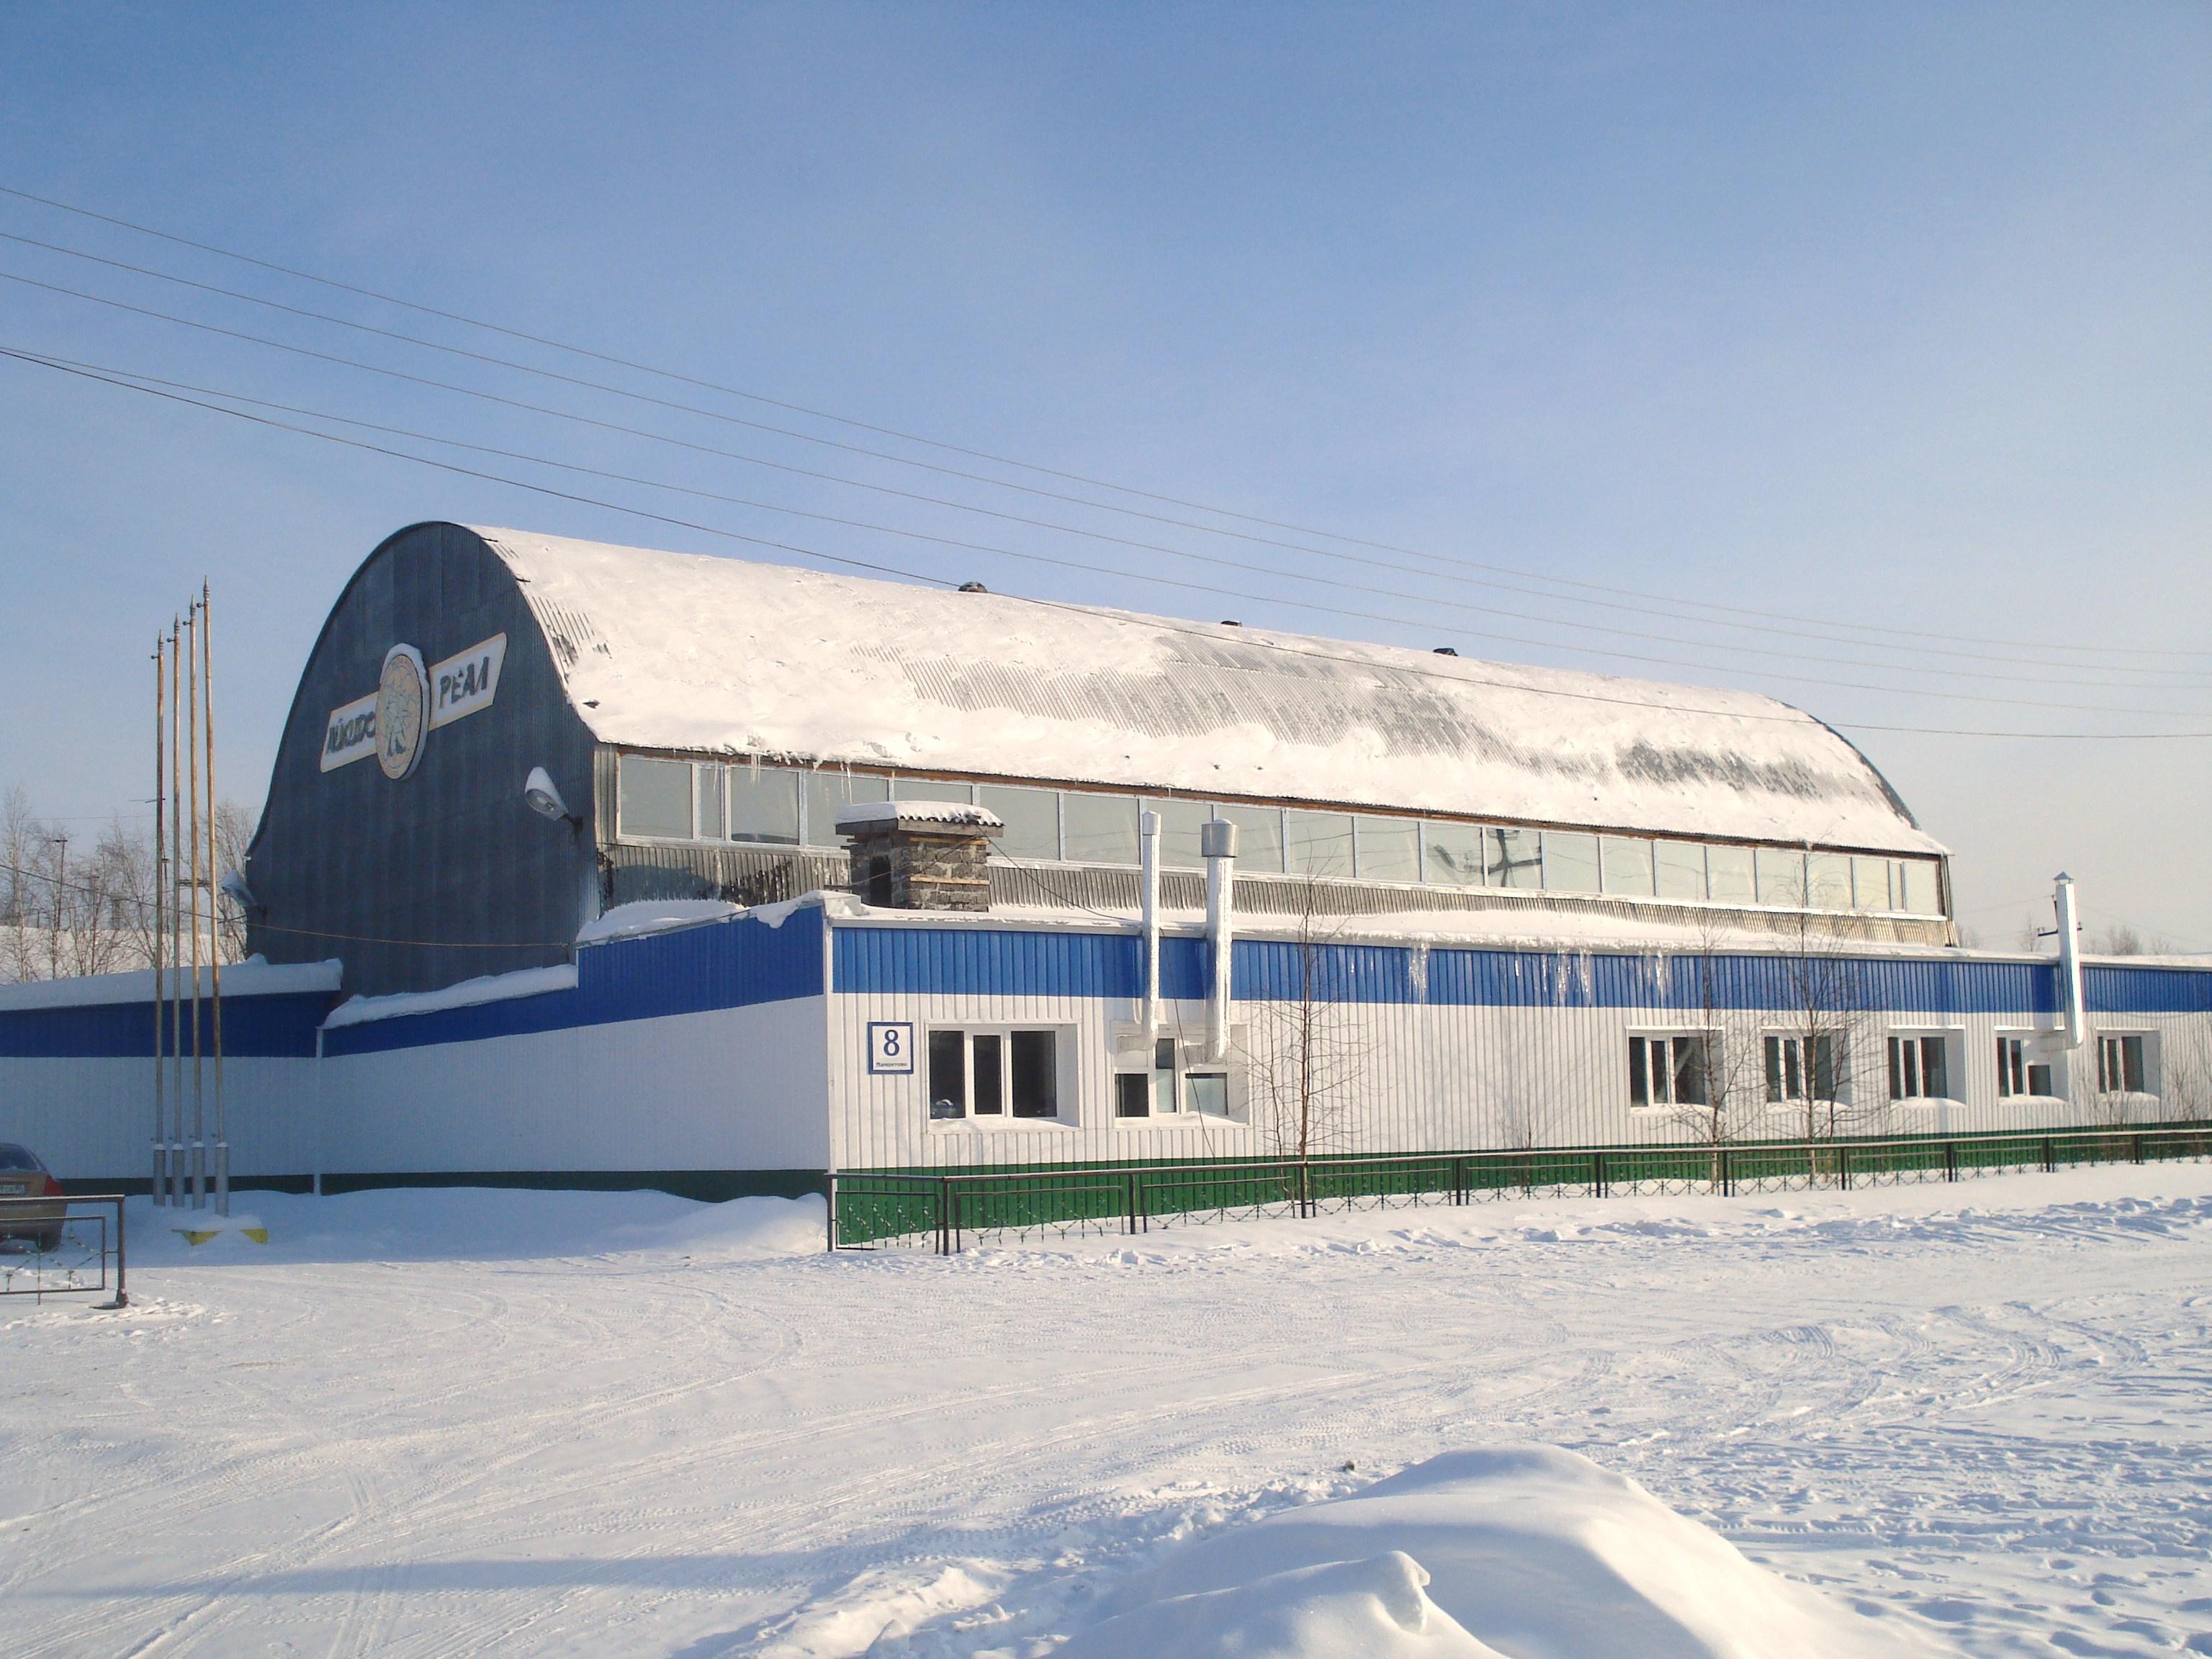 Поликлиника 3 владивосток снеговая